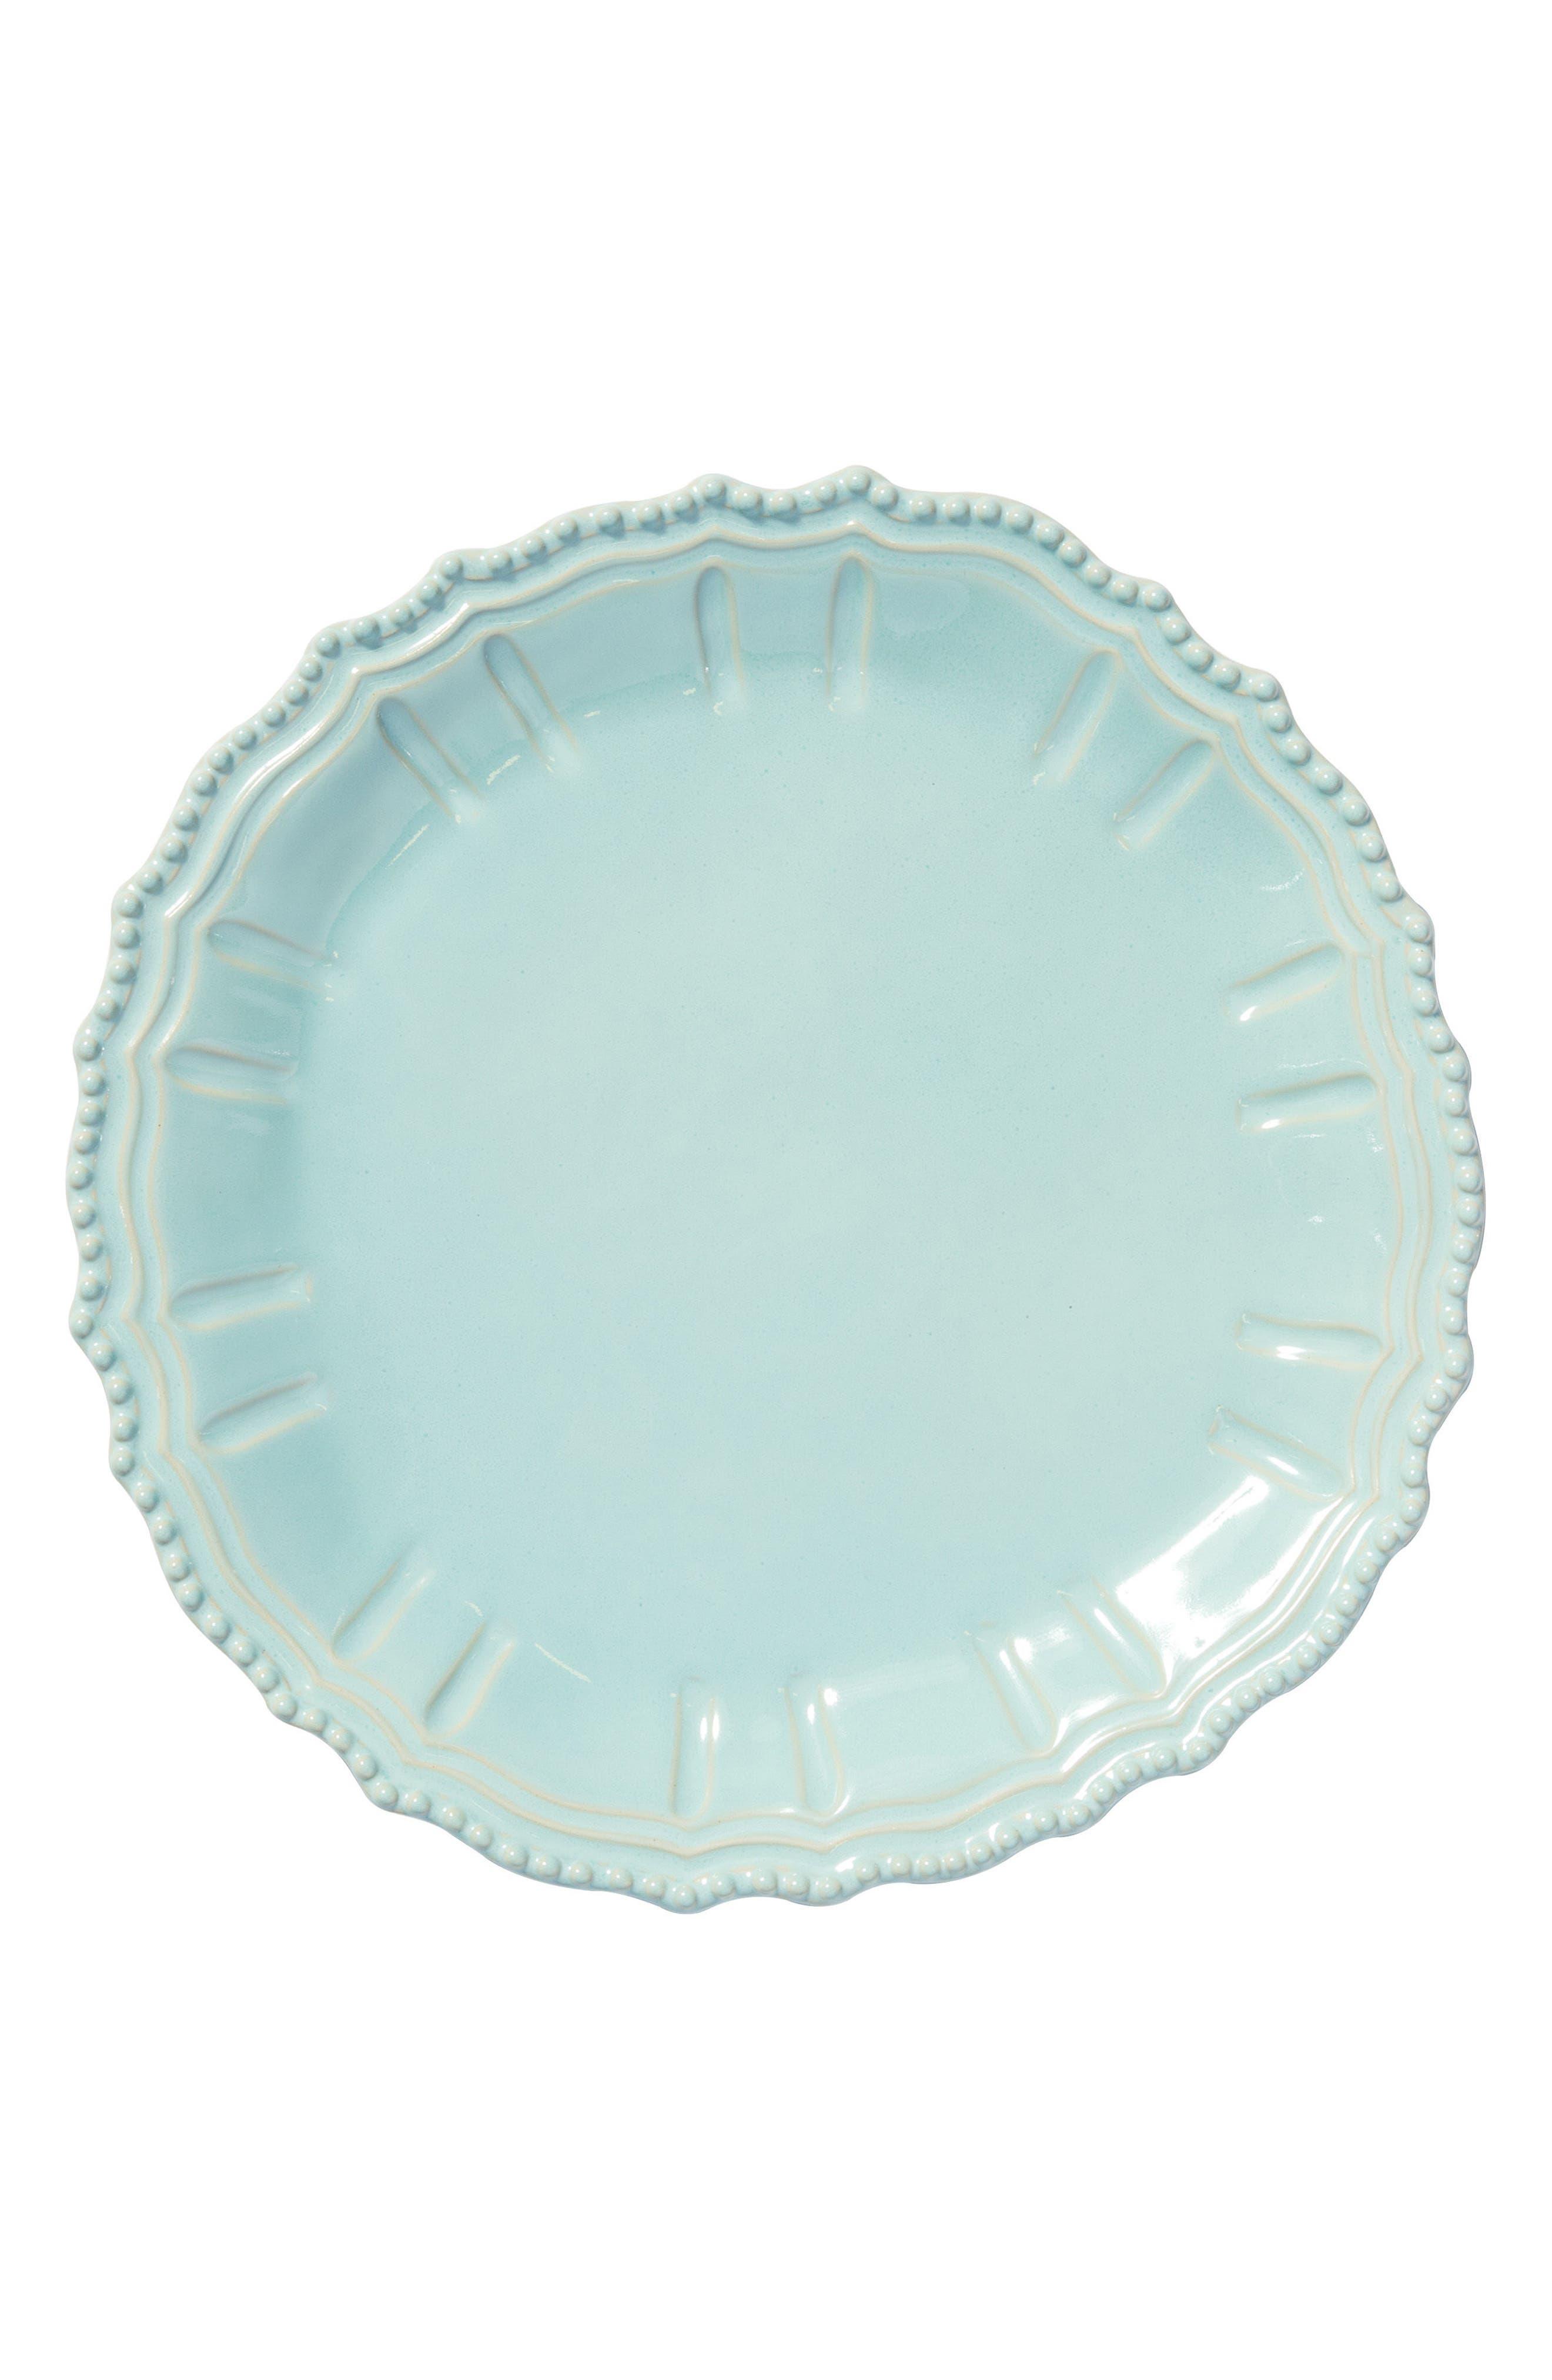 Incanto Stone Baroque Platter,                             Main thumbnail 1, color,                             Aqua